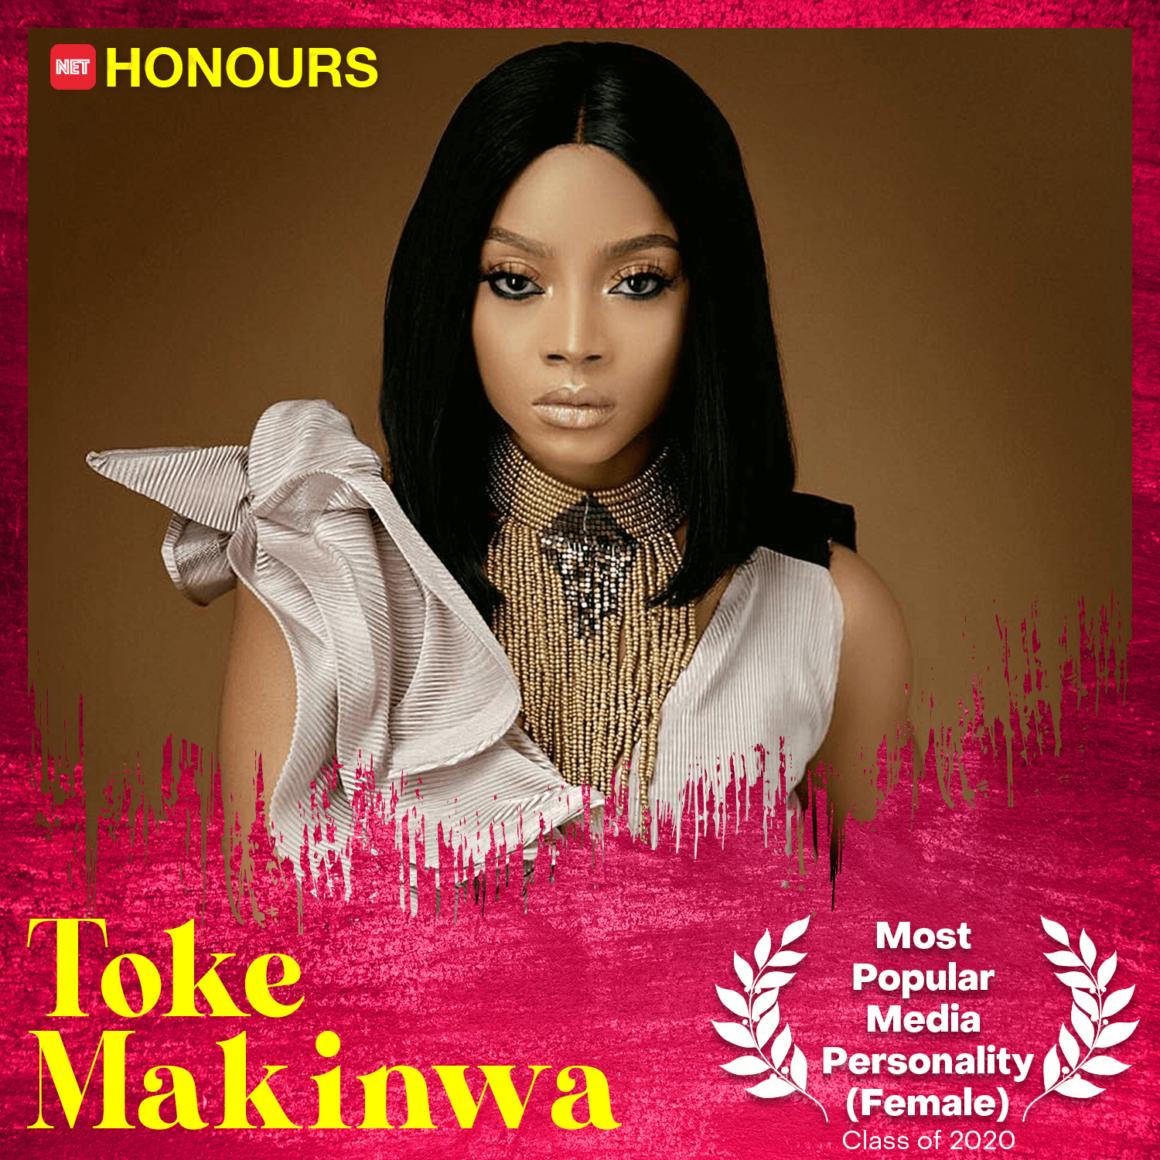 toke makinwa net honours 2020